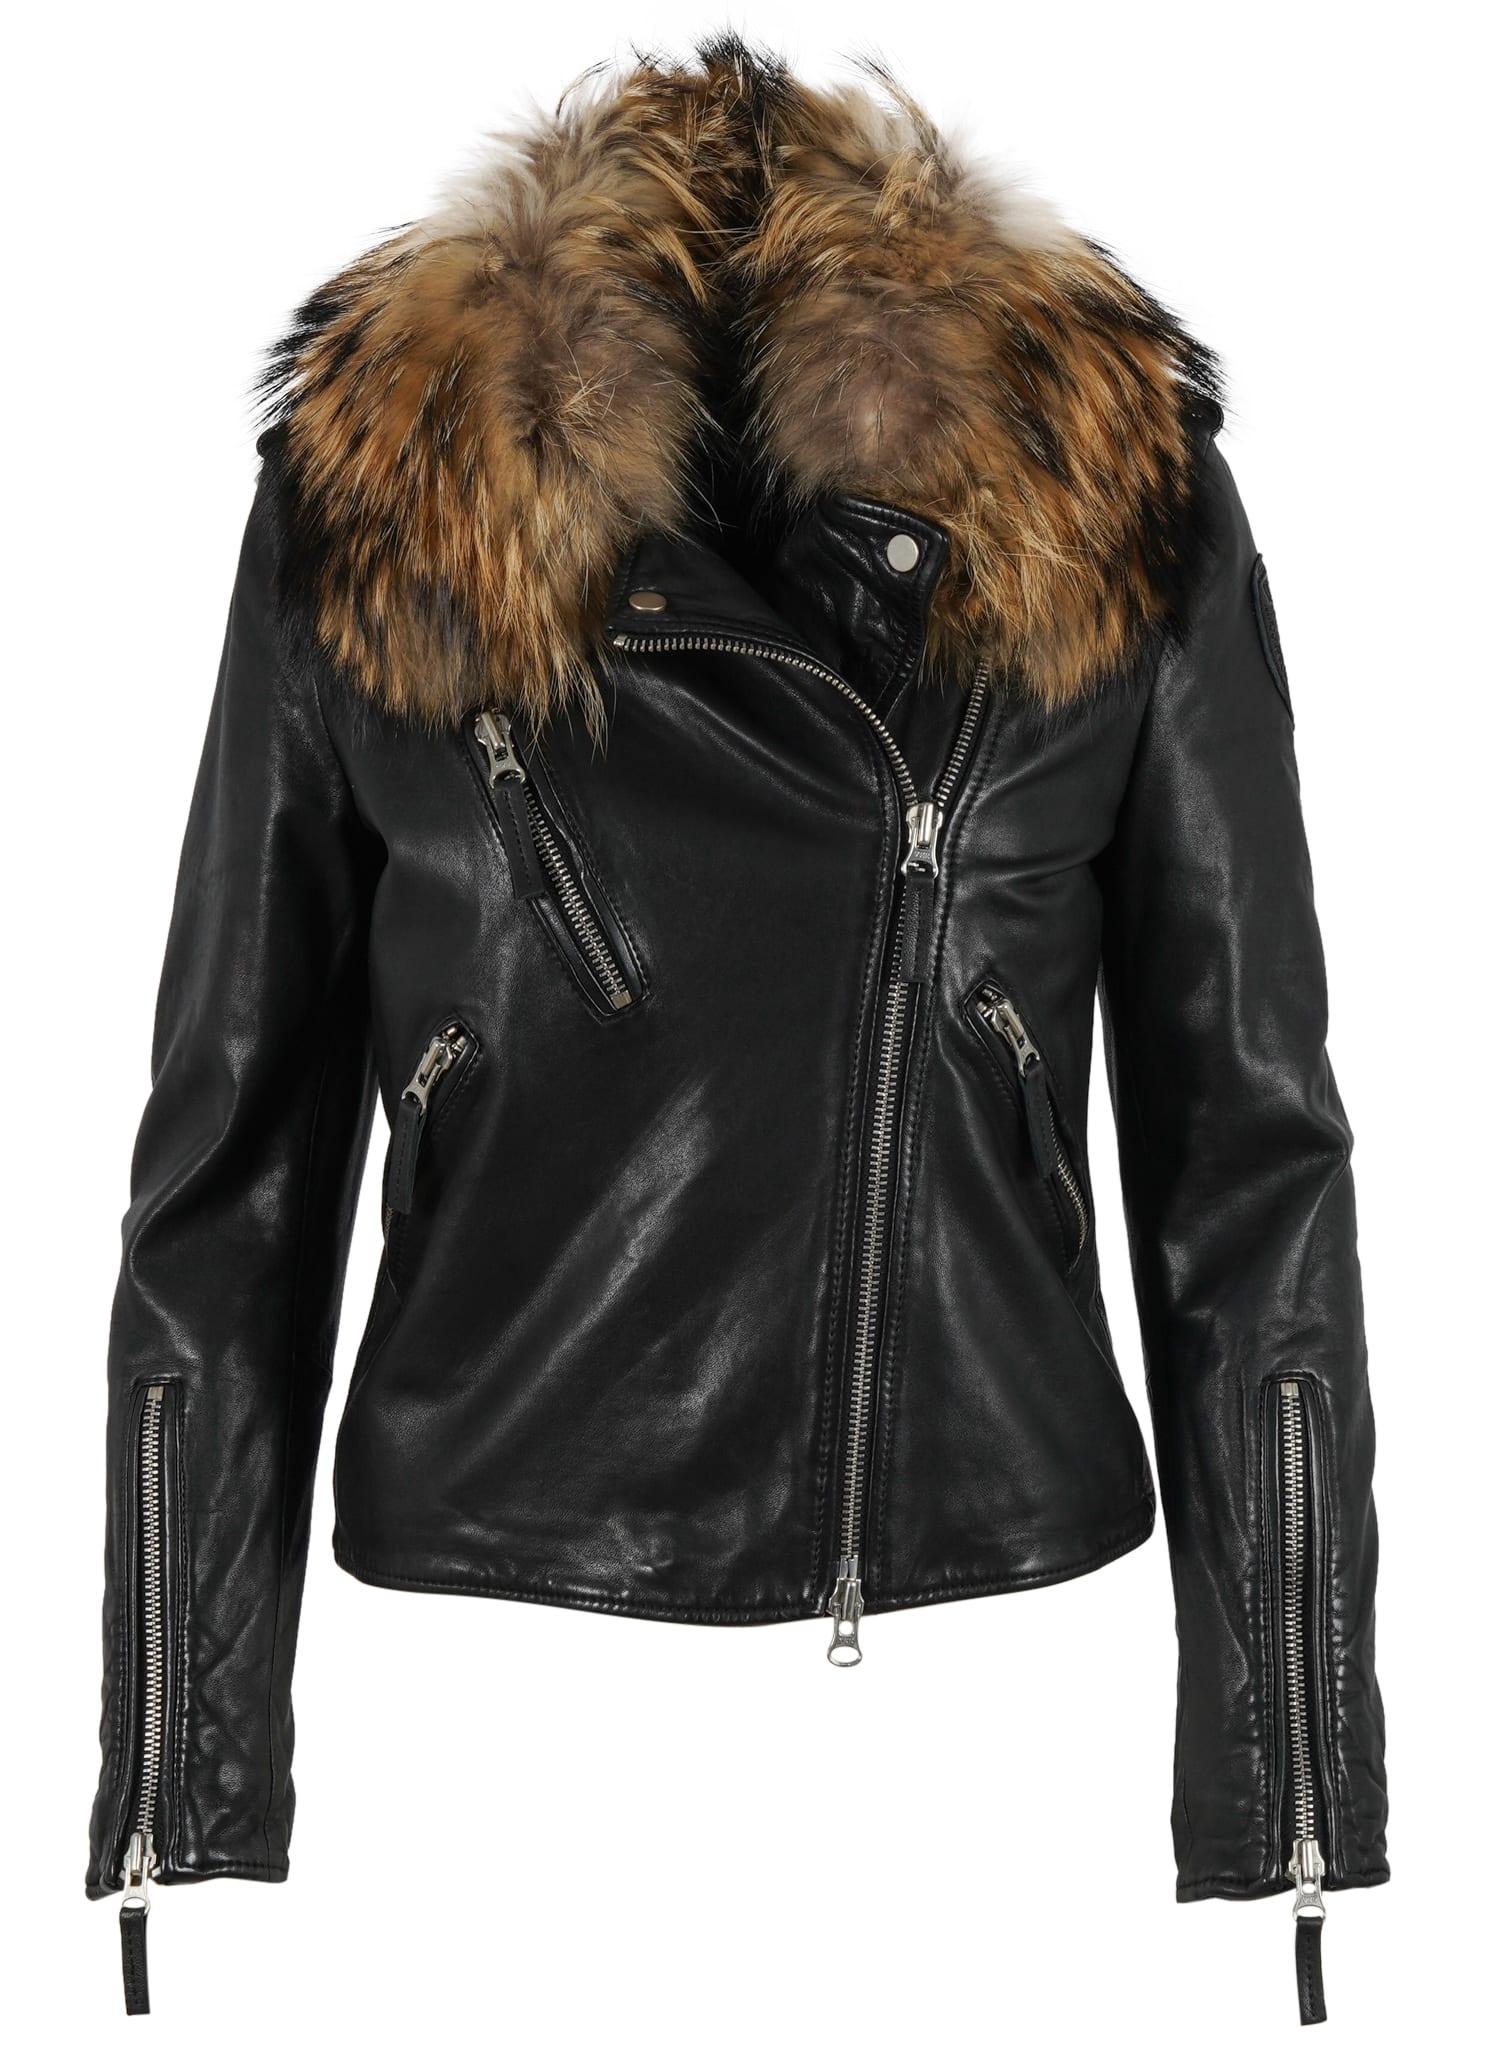 Leather Leather Jacket